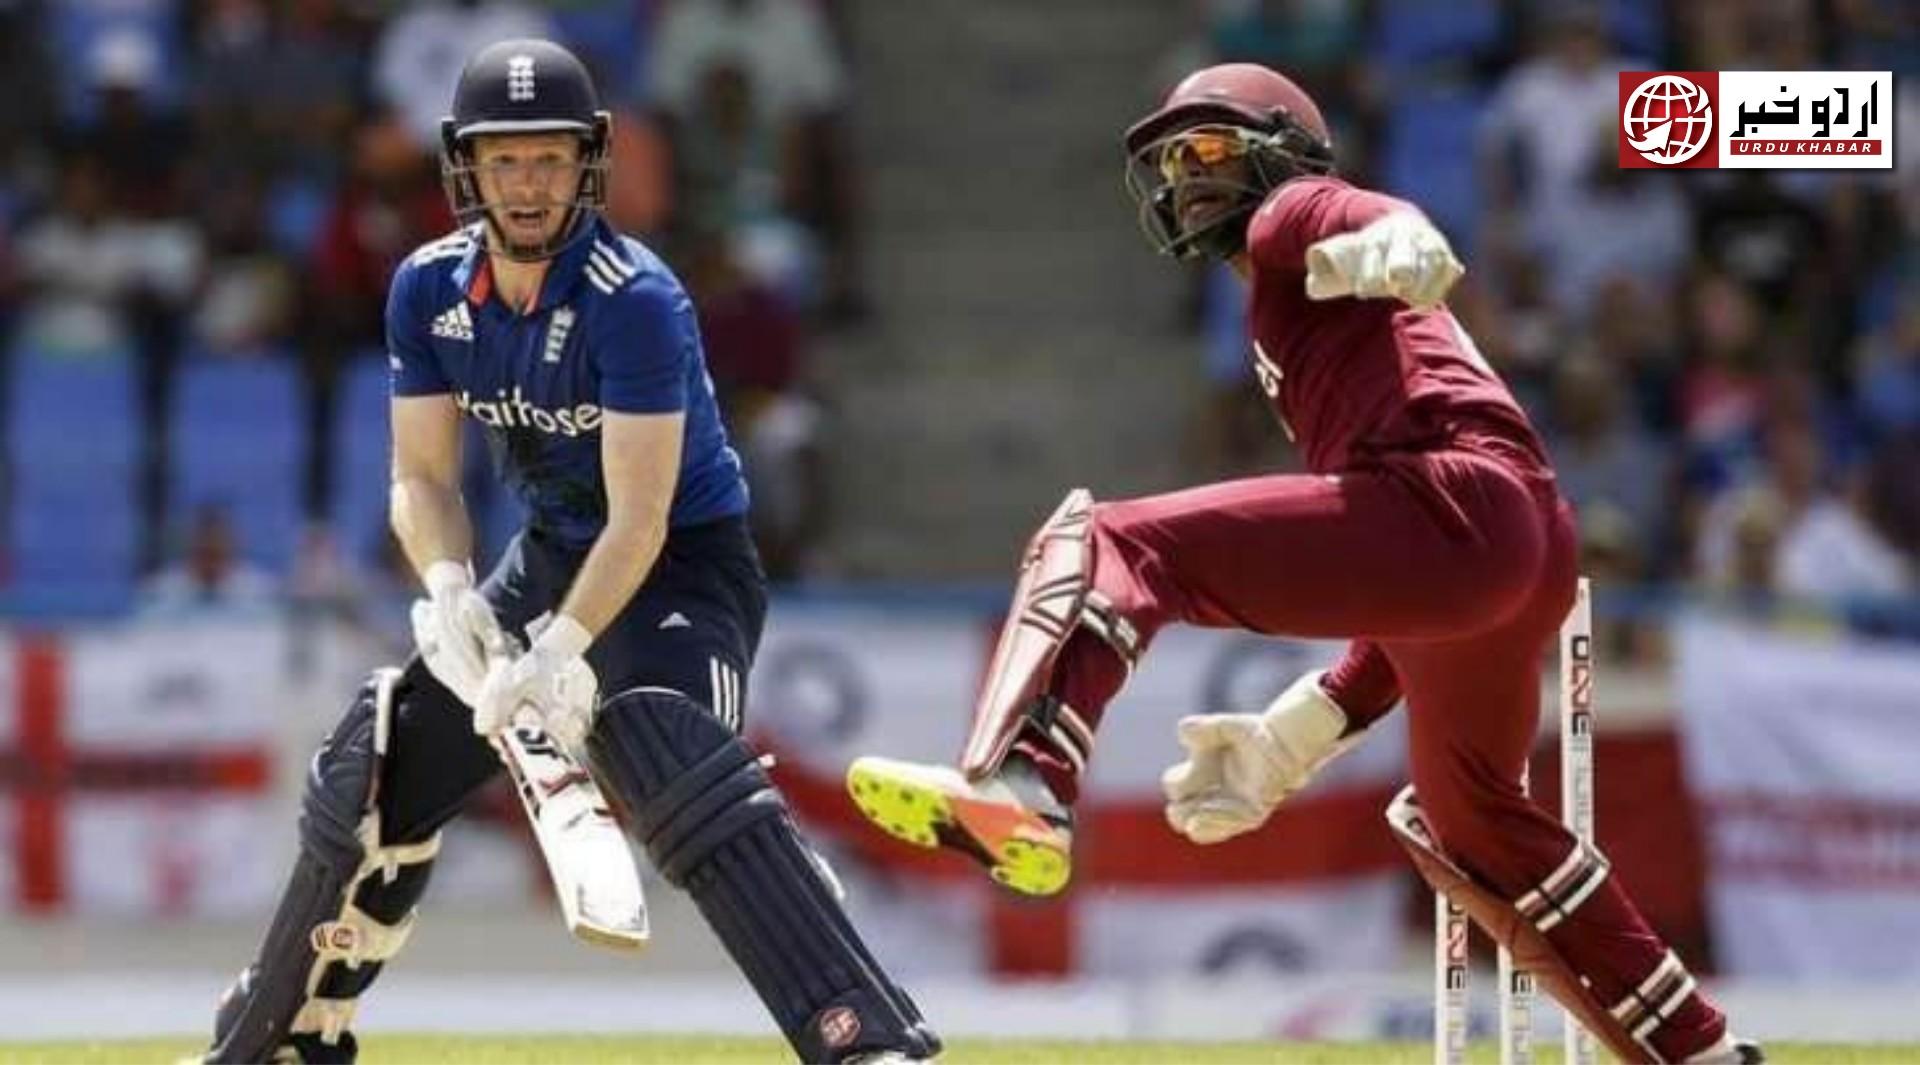 ویسٹ انڈیز نے انگلینڈ کو چار وکٹوں سے ہرا دیا